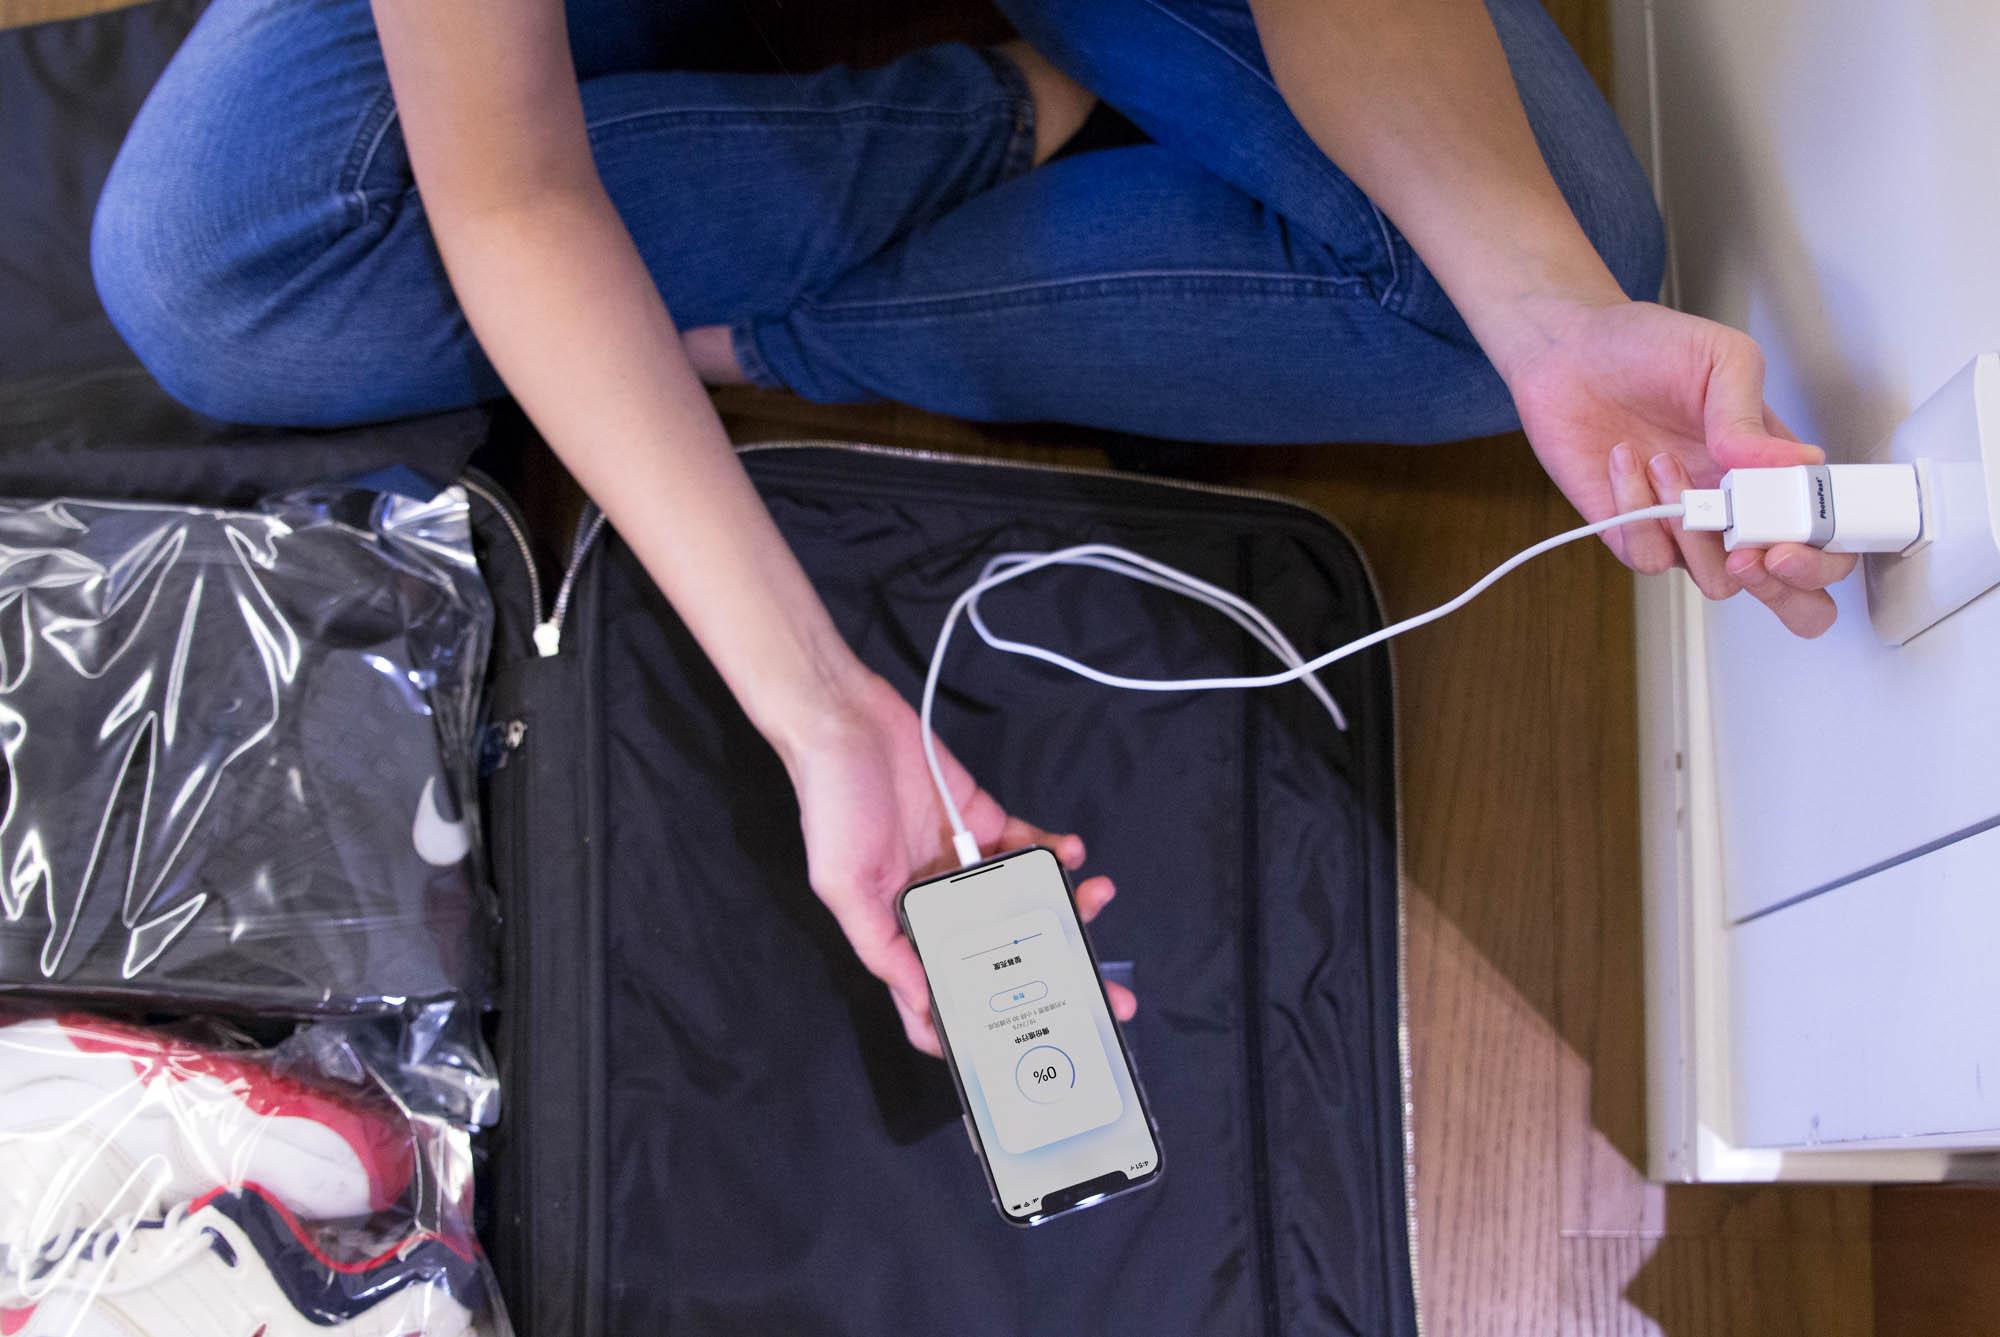 将PhotoCube 插上充电器并连结手机,随即享有备份功能